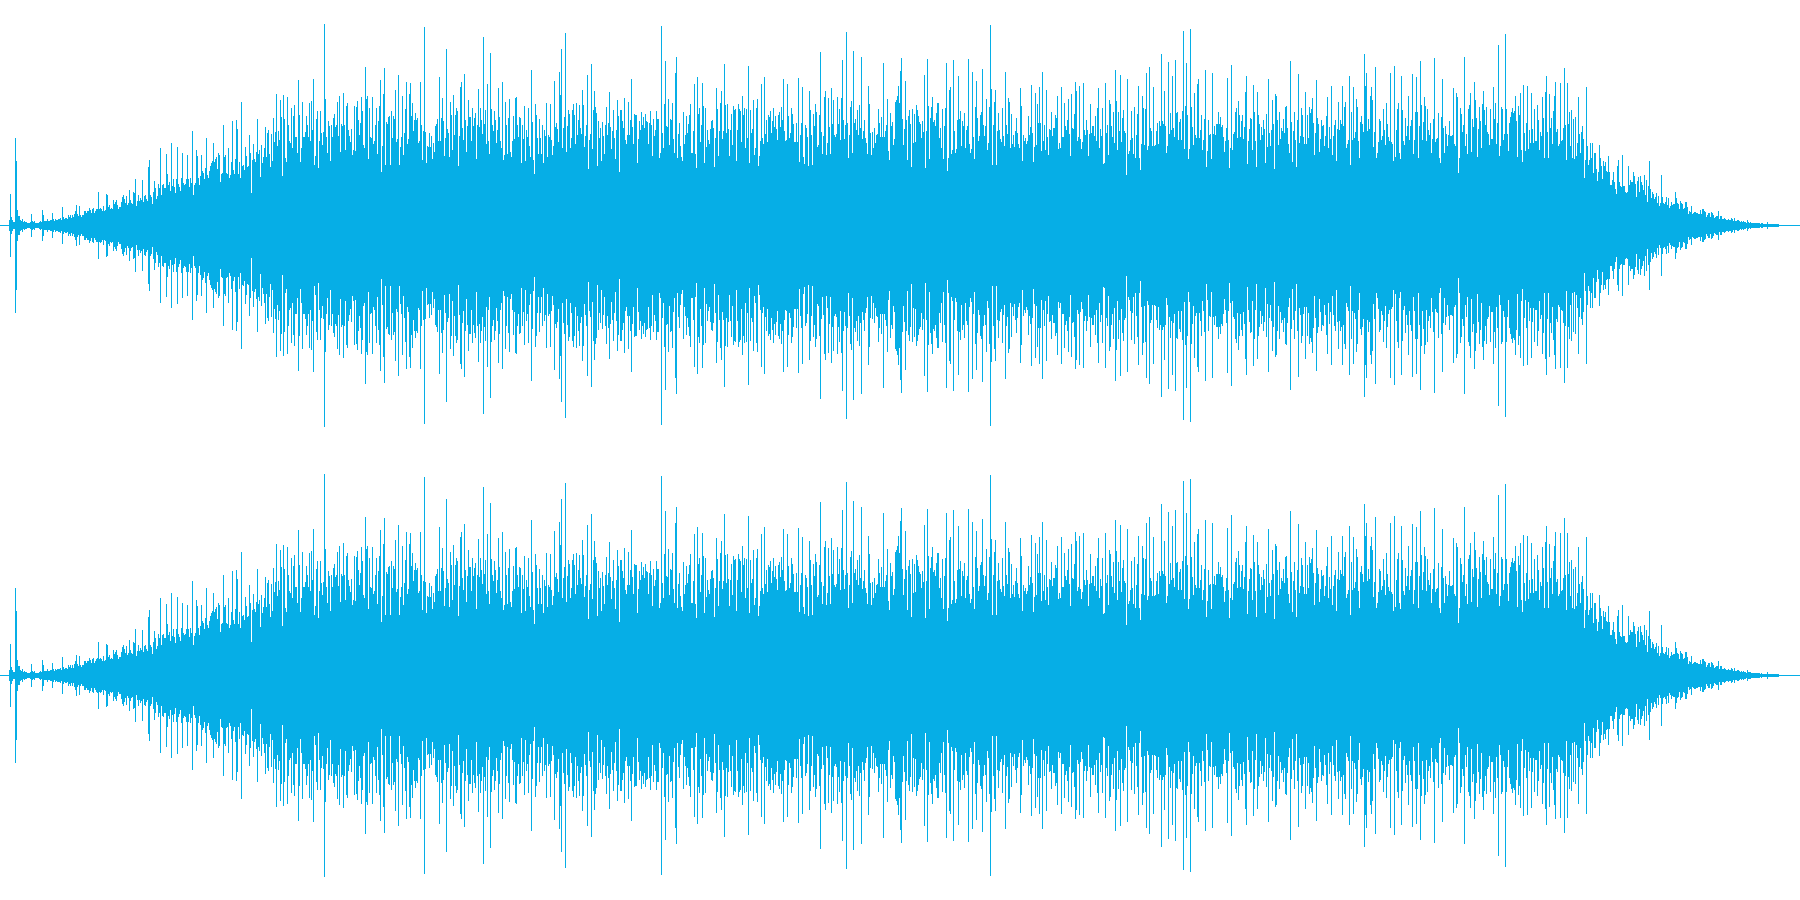 映写機01-3の再生済みの波形